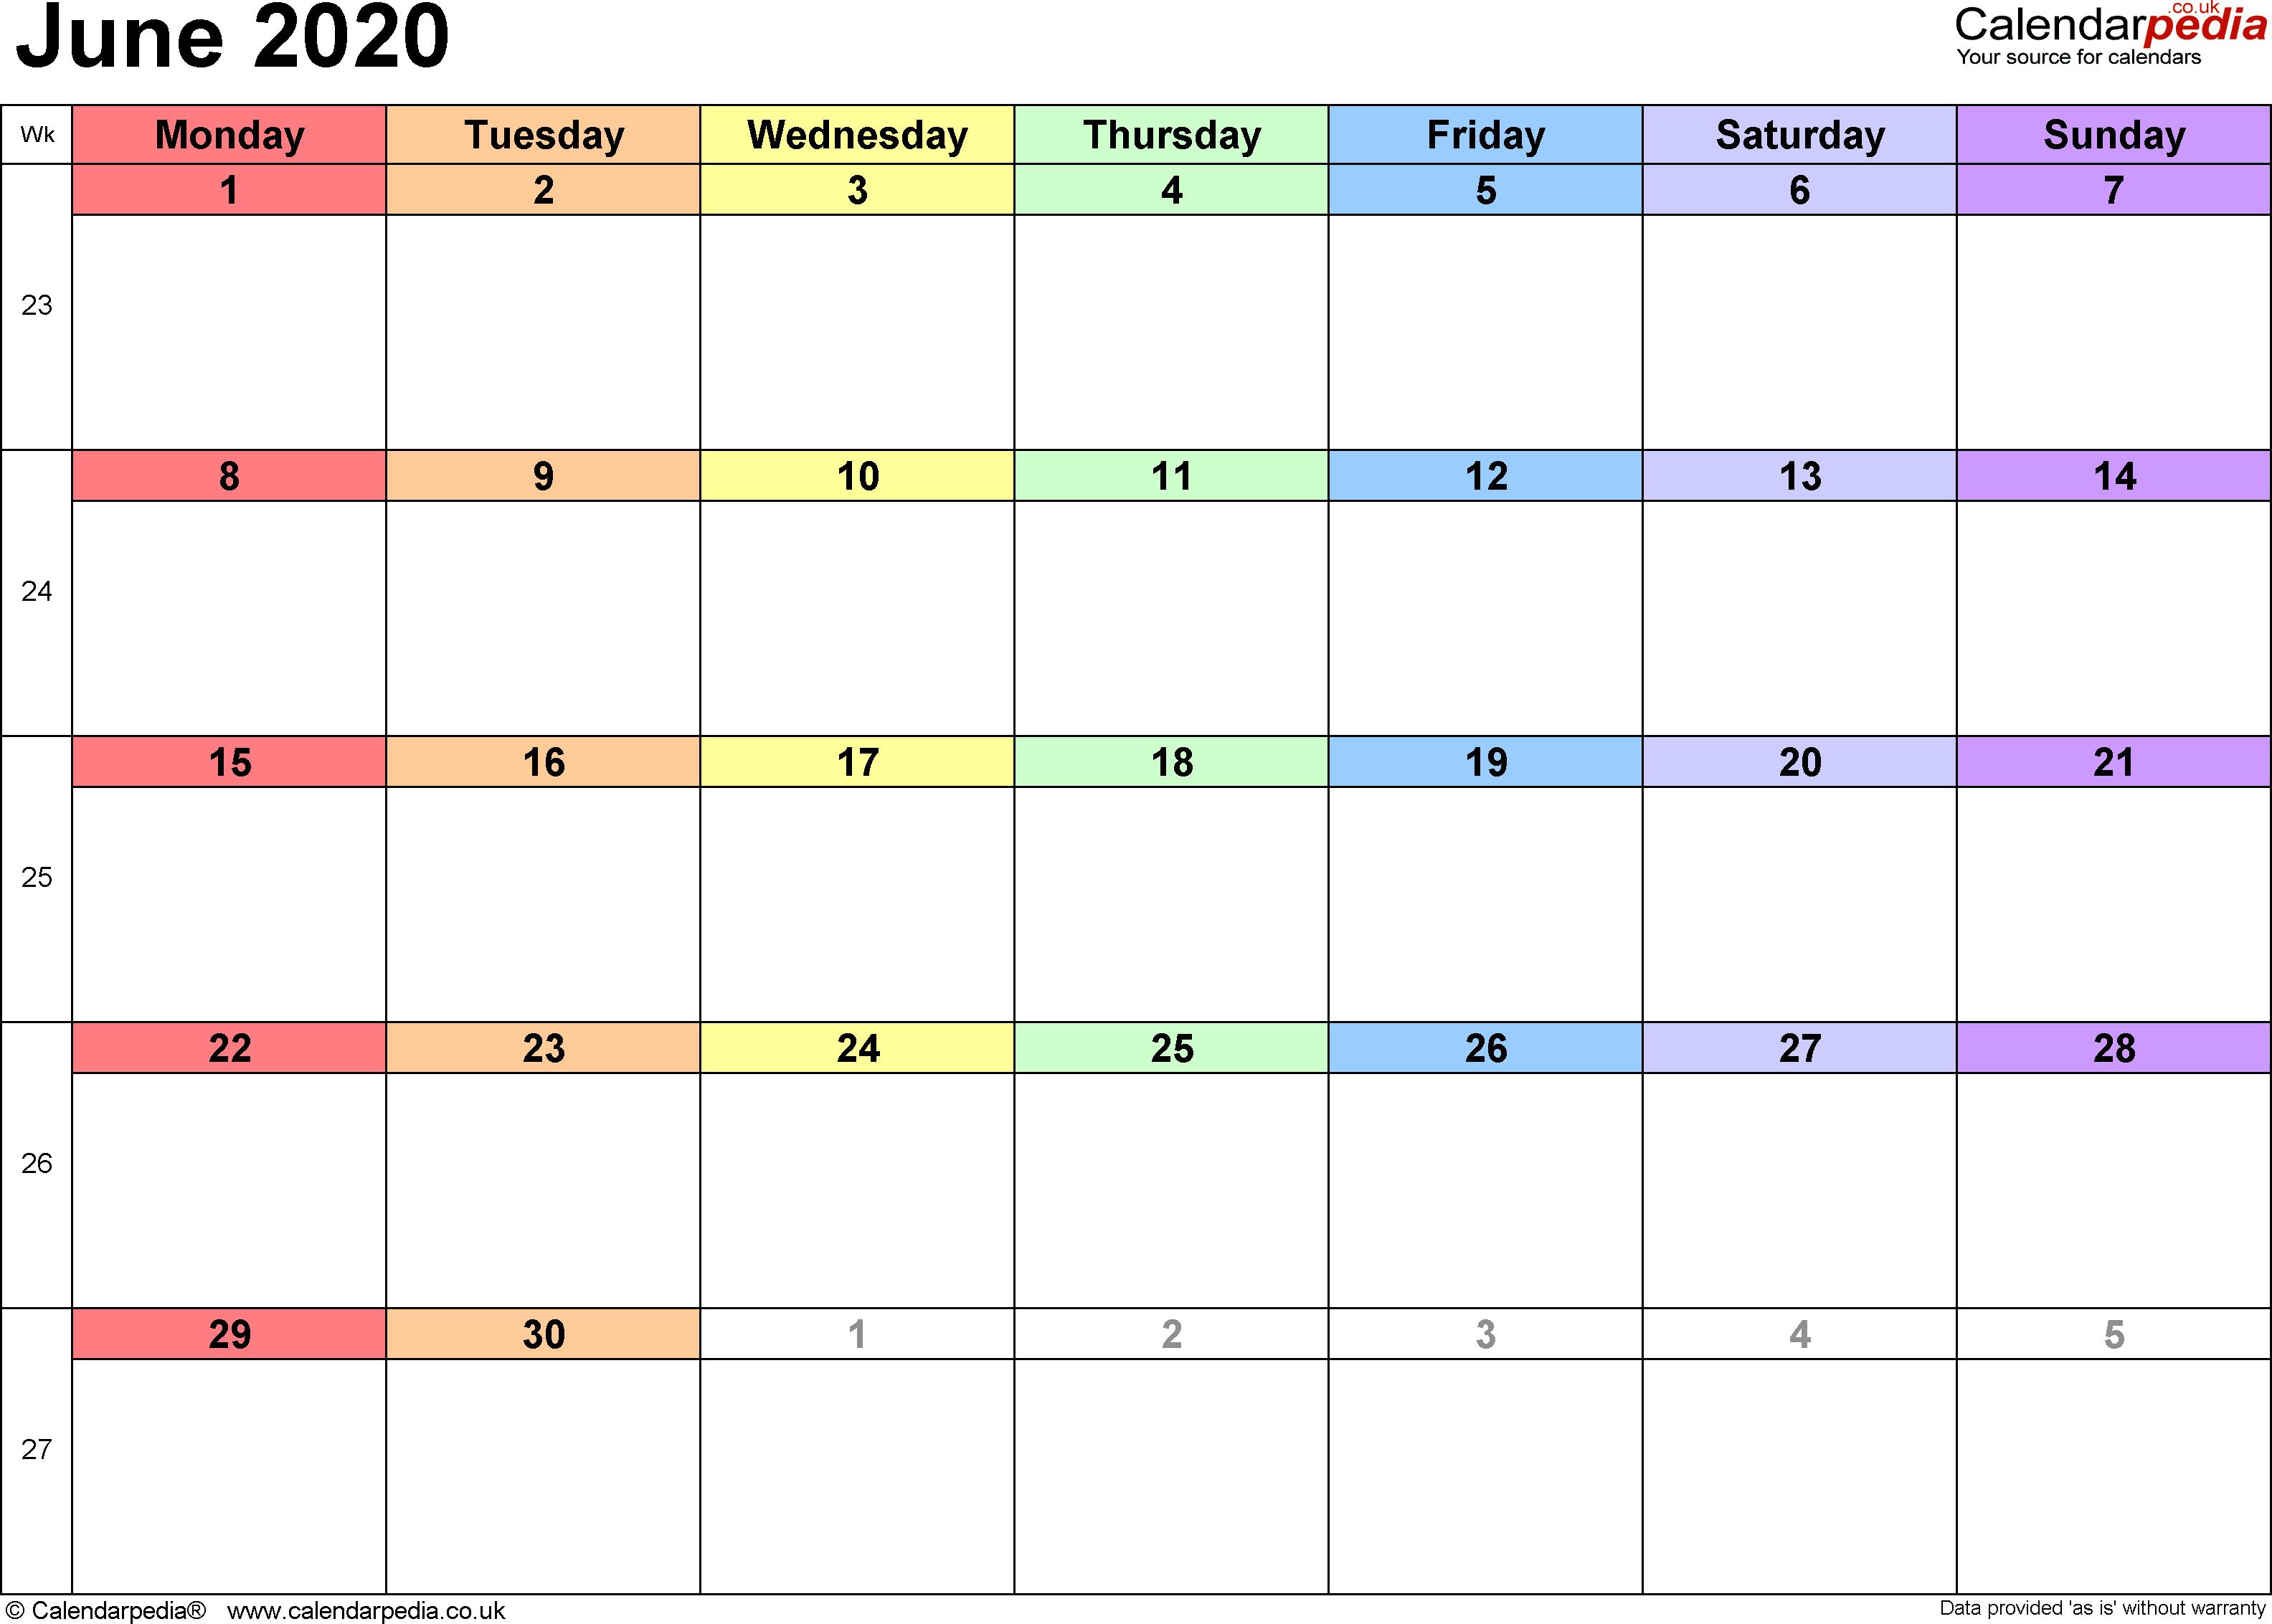 2020 Calendar For June